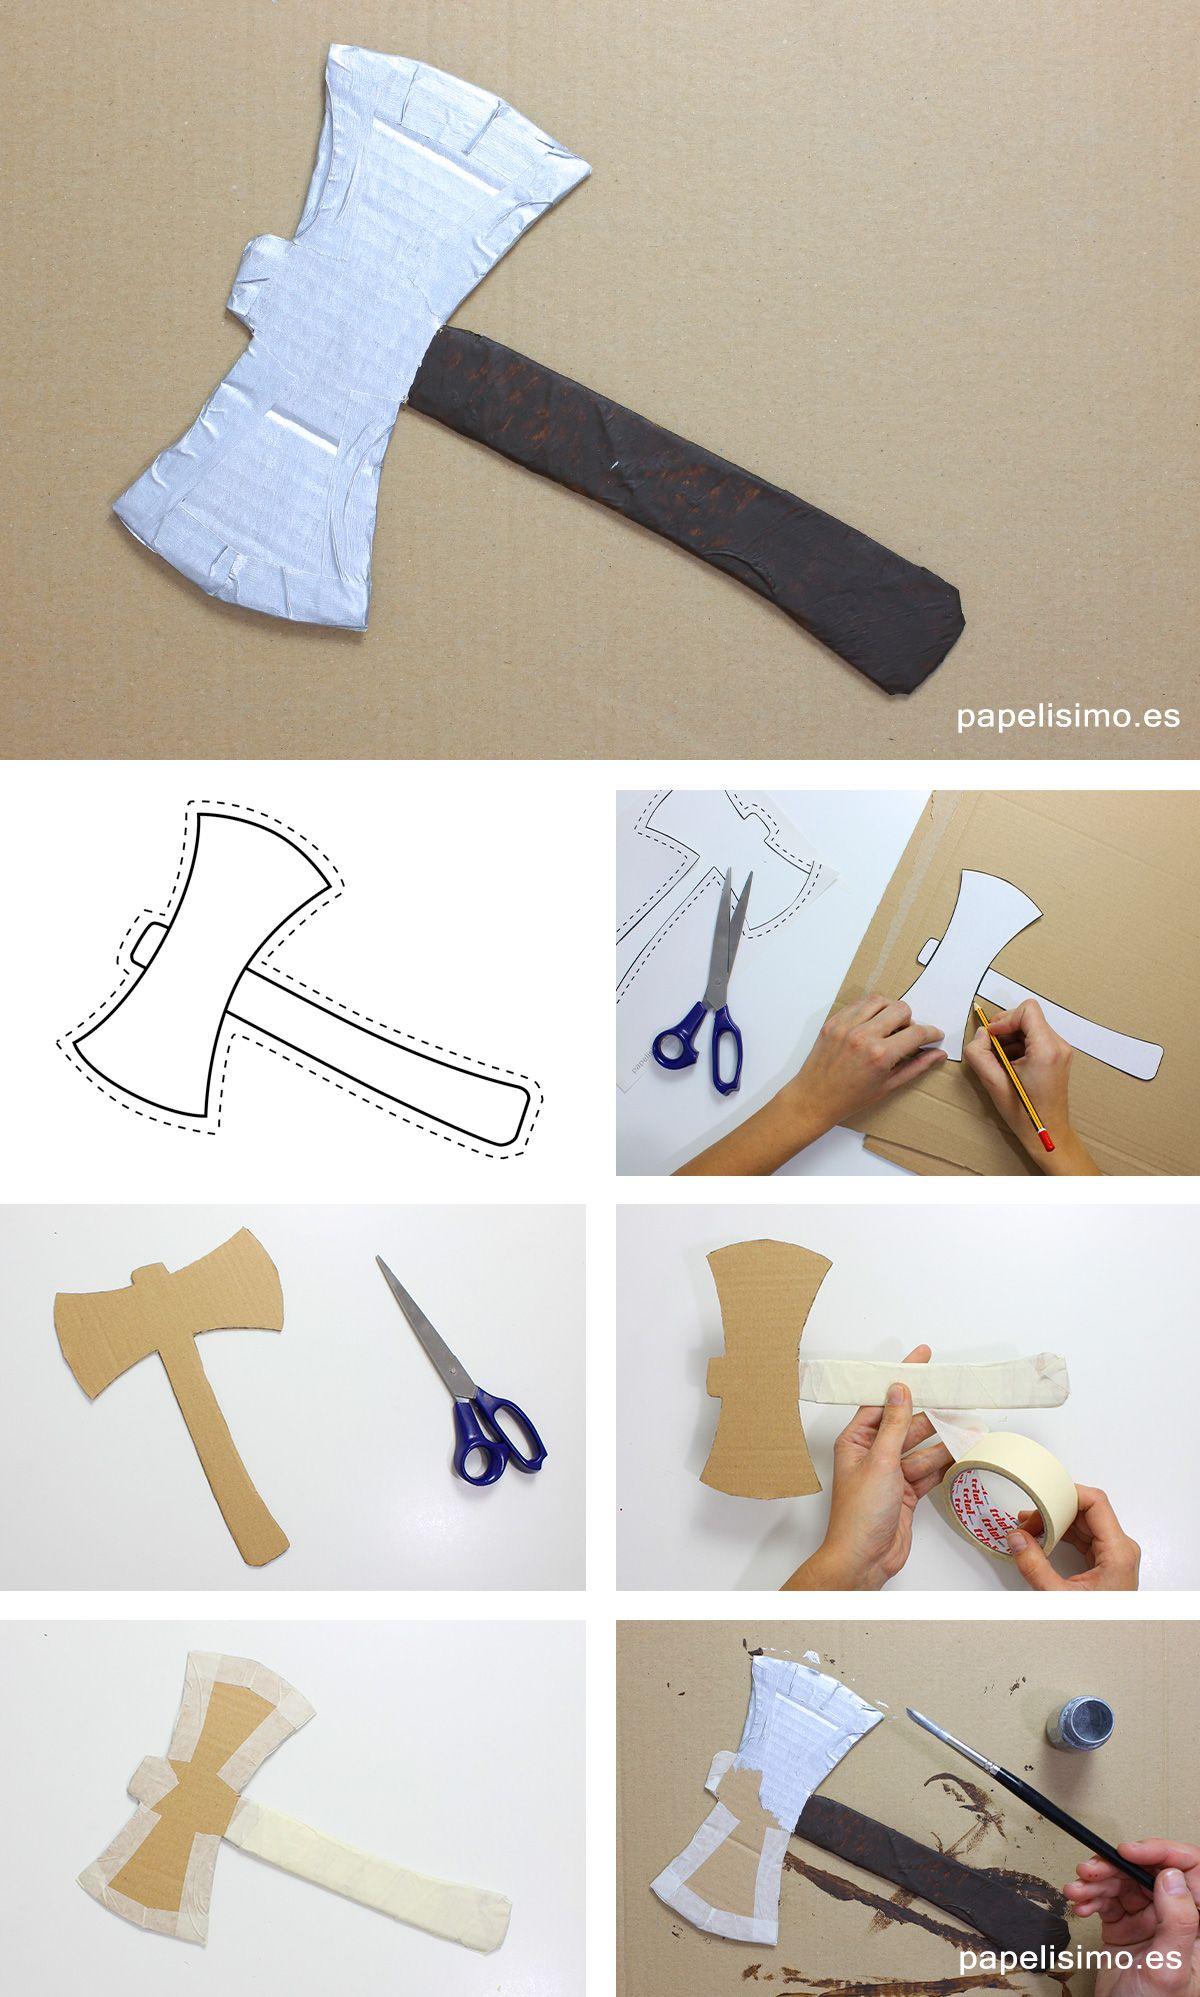 hacha-de-carton-plantillas-disfraz-casero-lenador-cardboard-ax ...